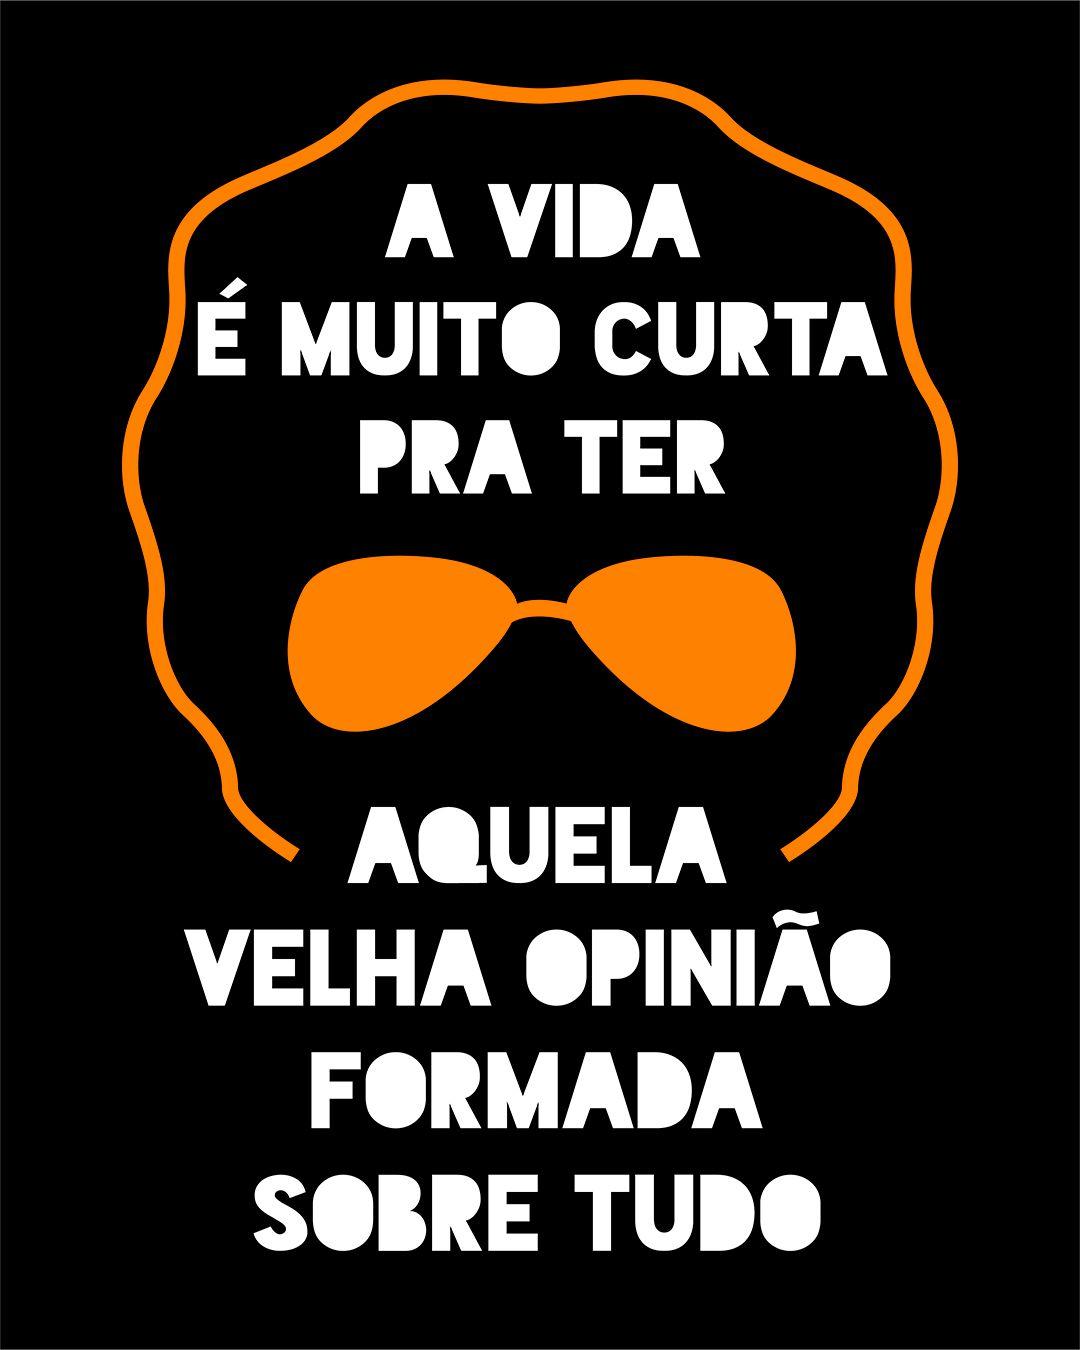 Camiseta A vida é muito curta para ter aquela velha opinião formada sobre tudo - Raul Seixas